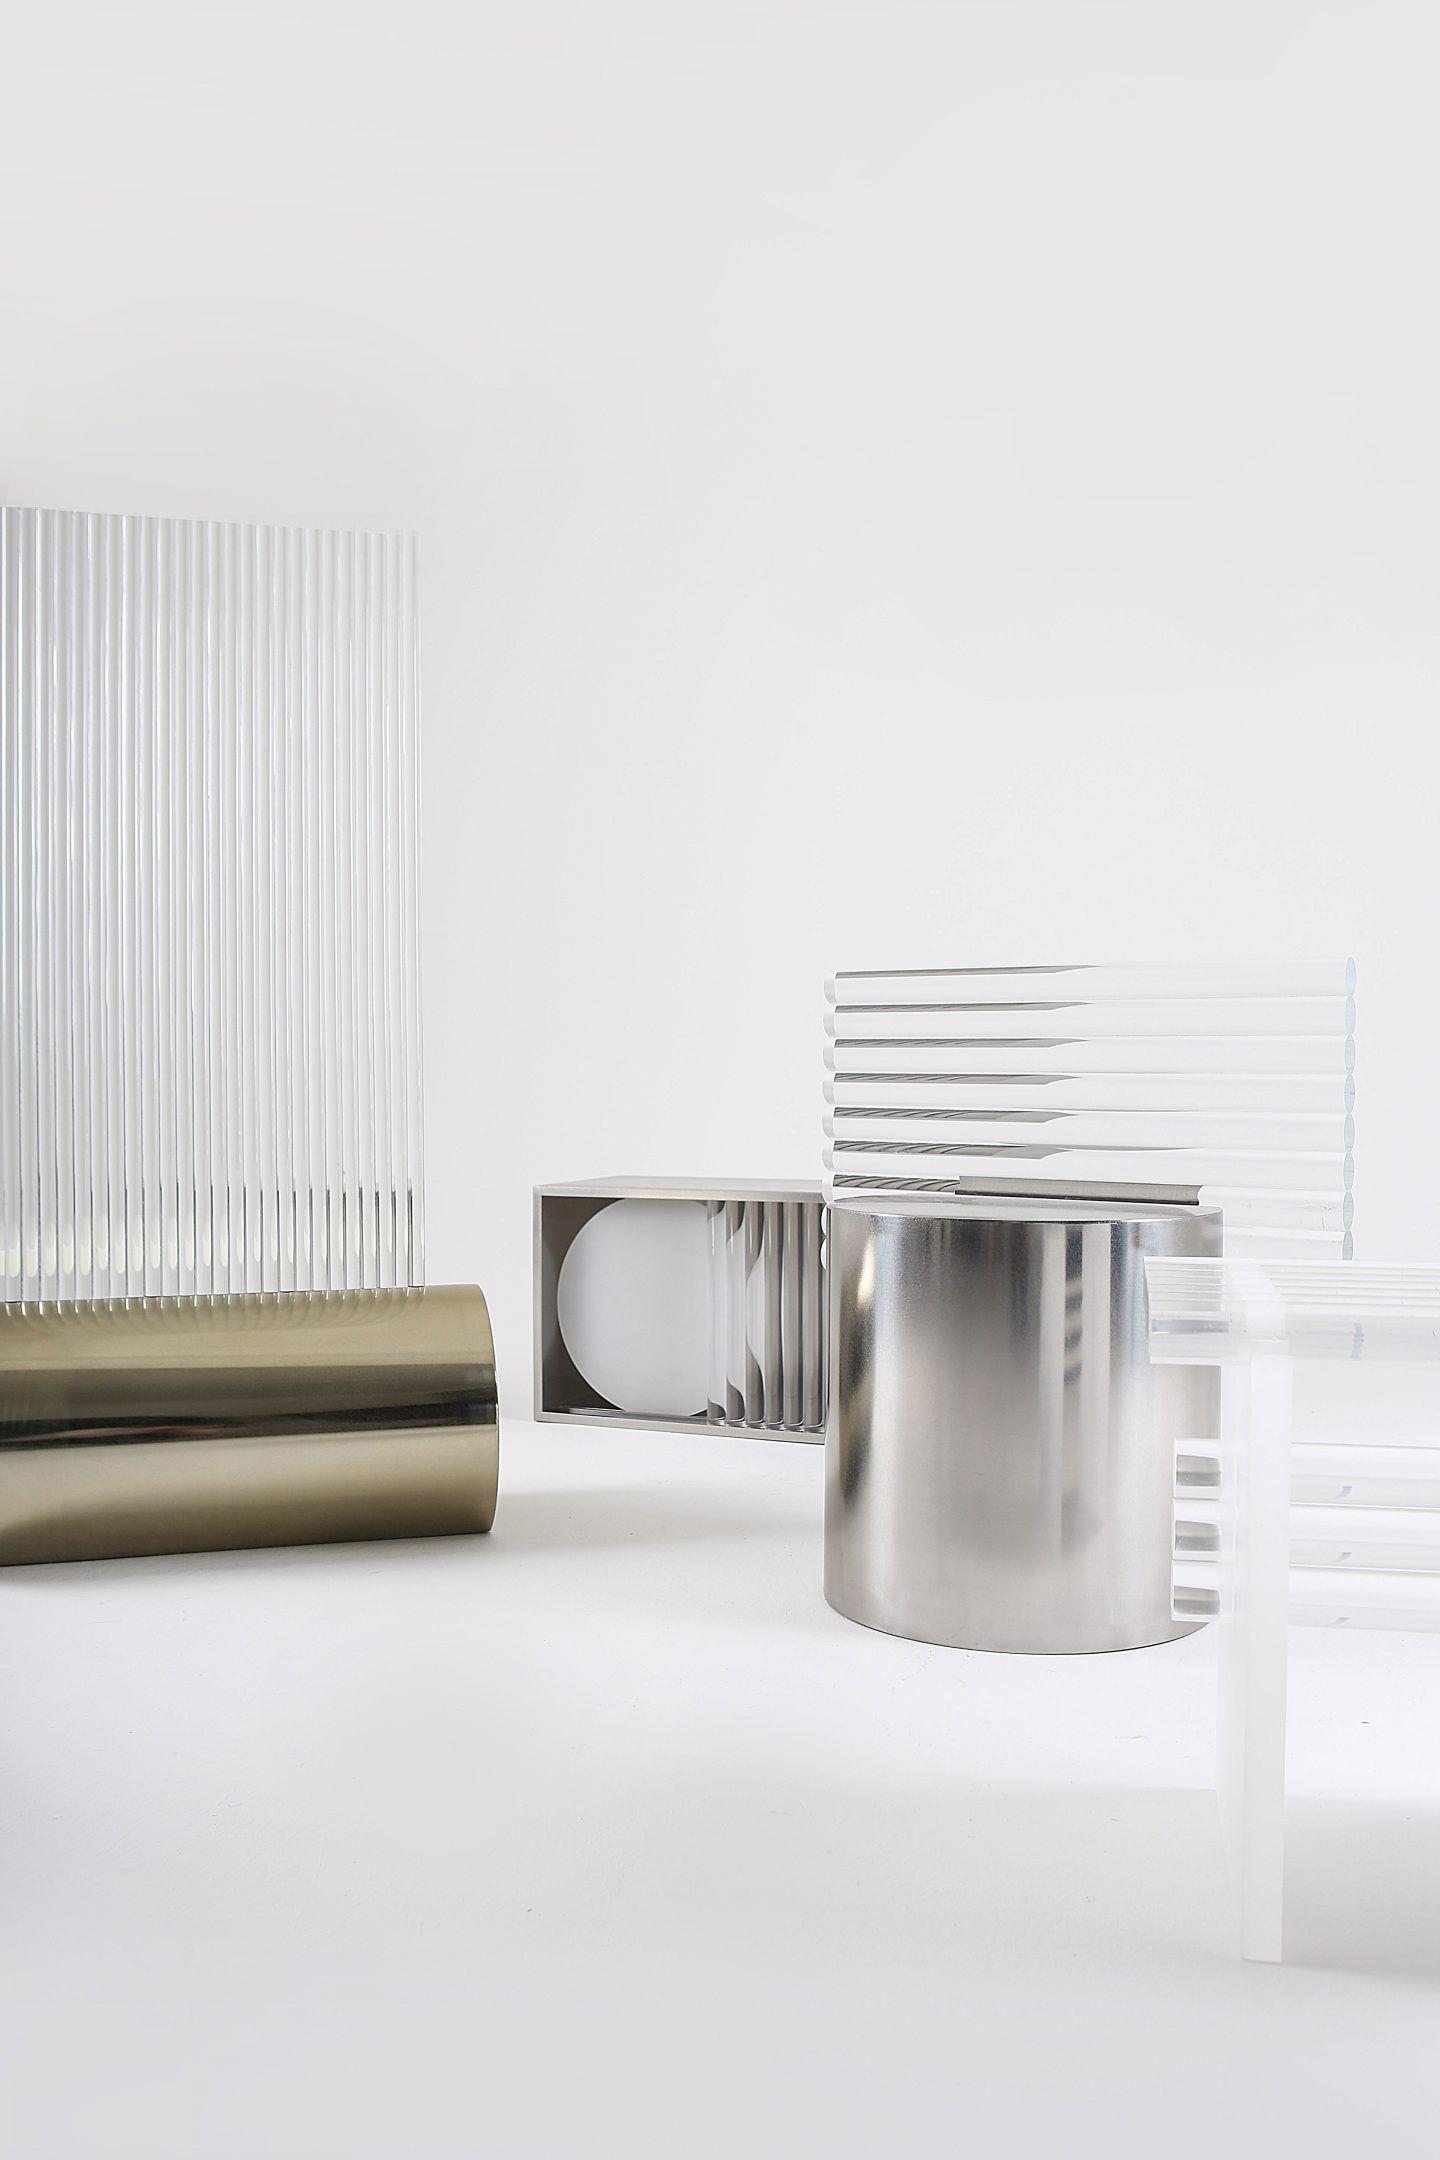 IGNANT-Design-Jihye-Zang-Purity-04